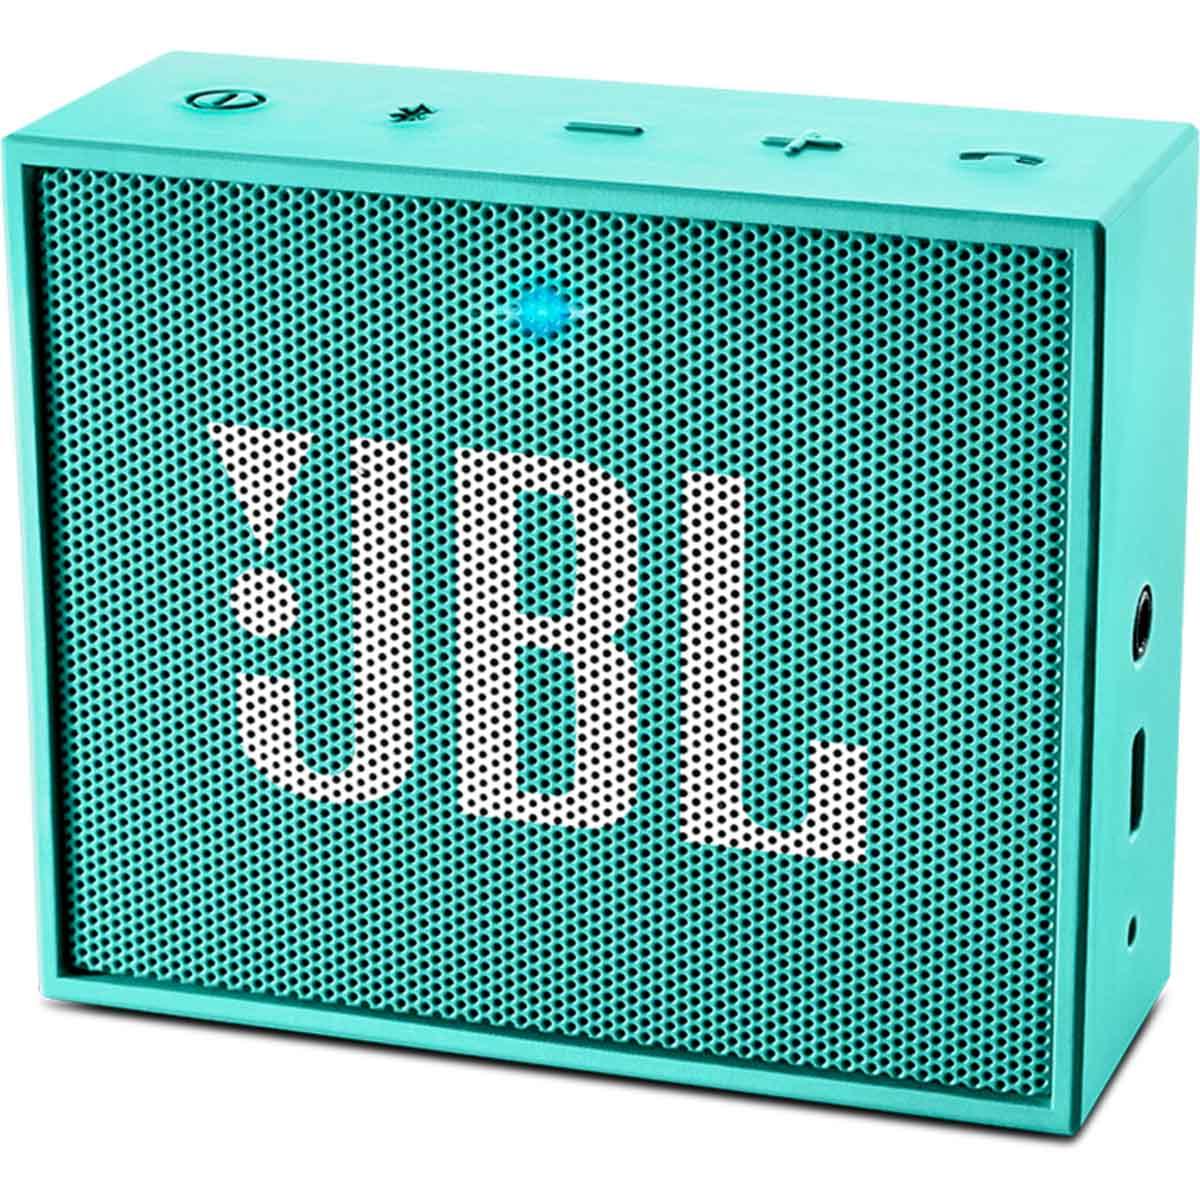 Jbl GO, Caixa de Som BlueTooth, Bateria 5 Horas, Verde